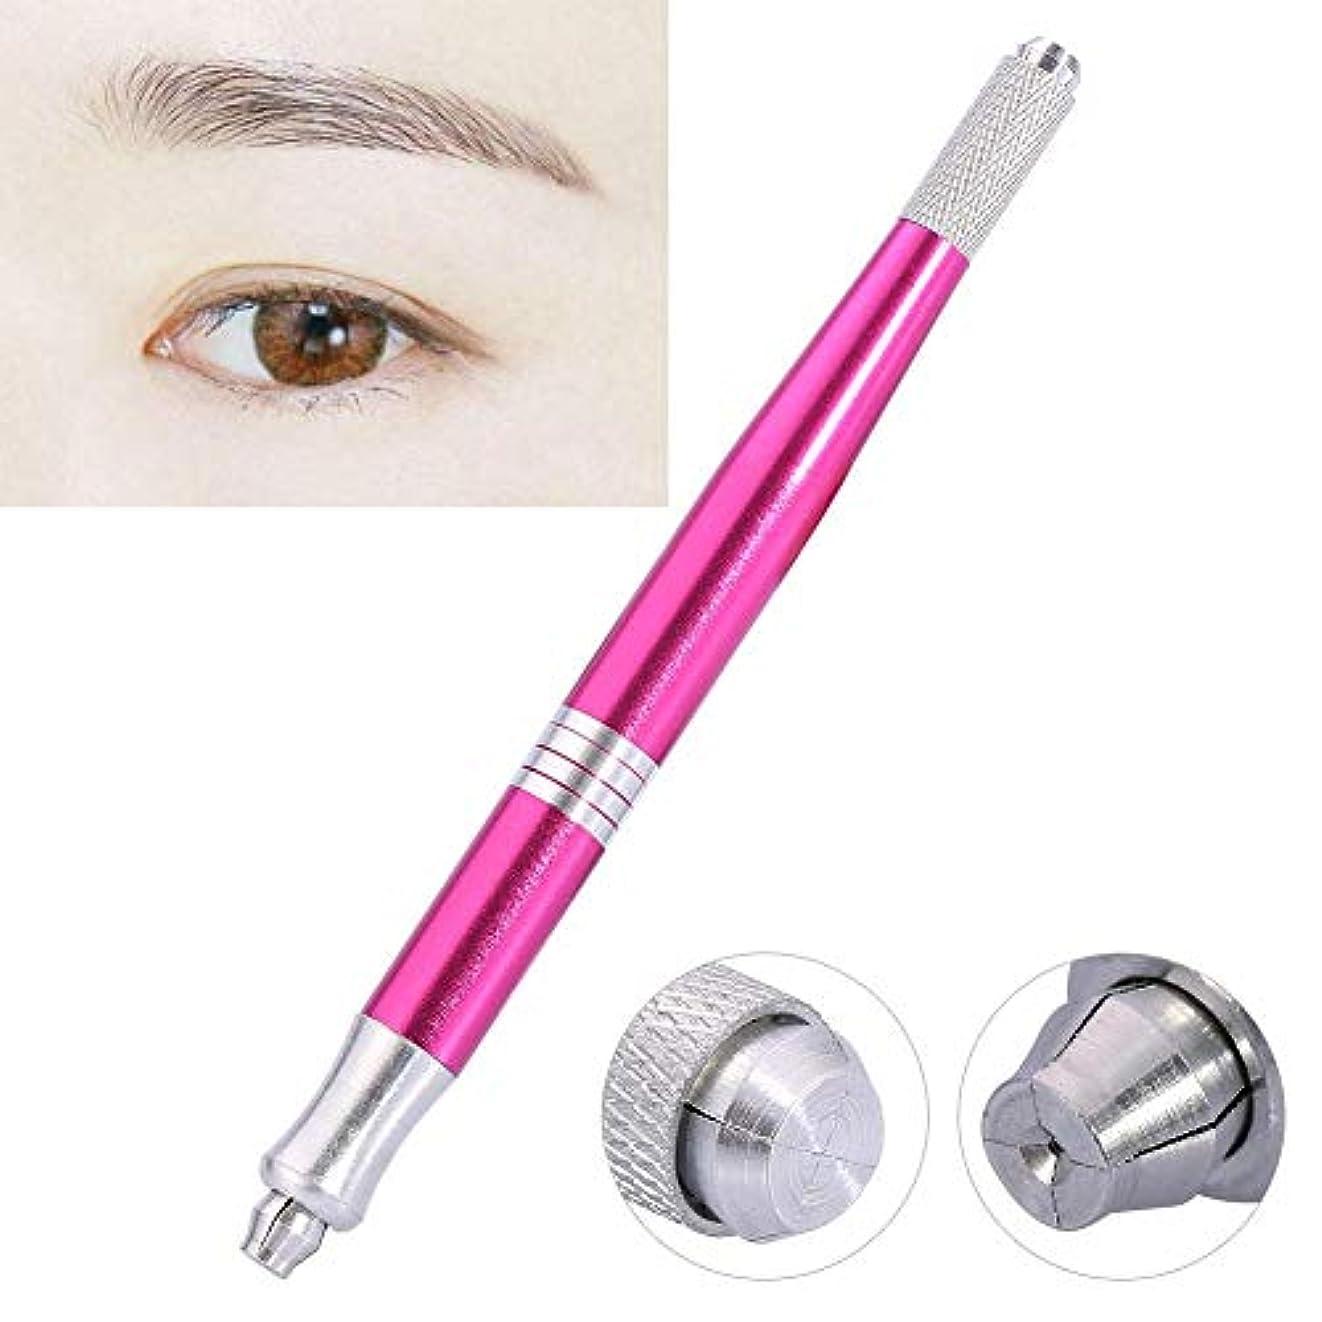 銀かなり変装したタトゥーペン - 眉毛タトゥーペンマニュアルマイクロブレードペンアイライナーリップ、手刺繍アイブロウペンシル - ウォーターフォグの眉毛を作成します